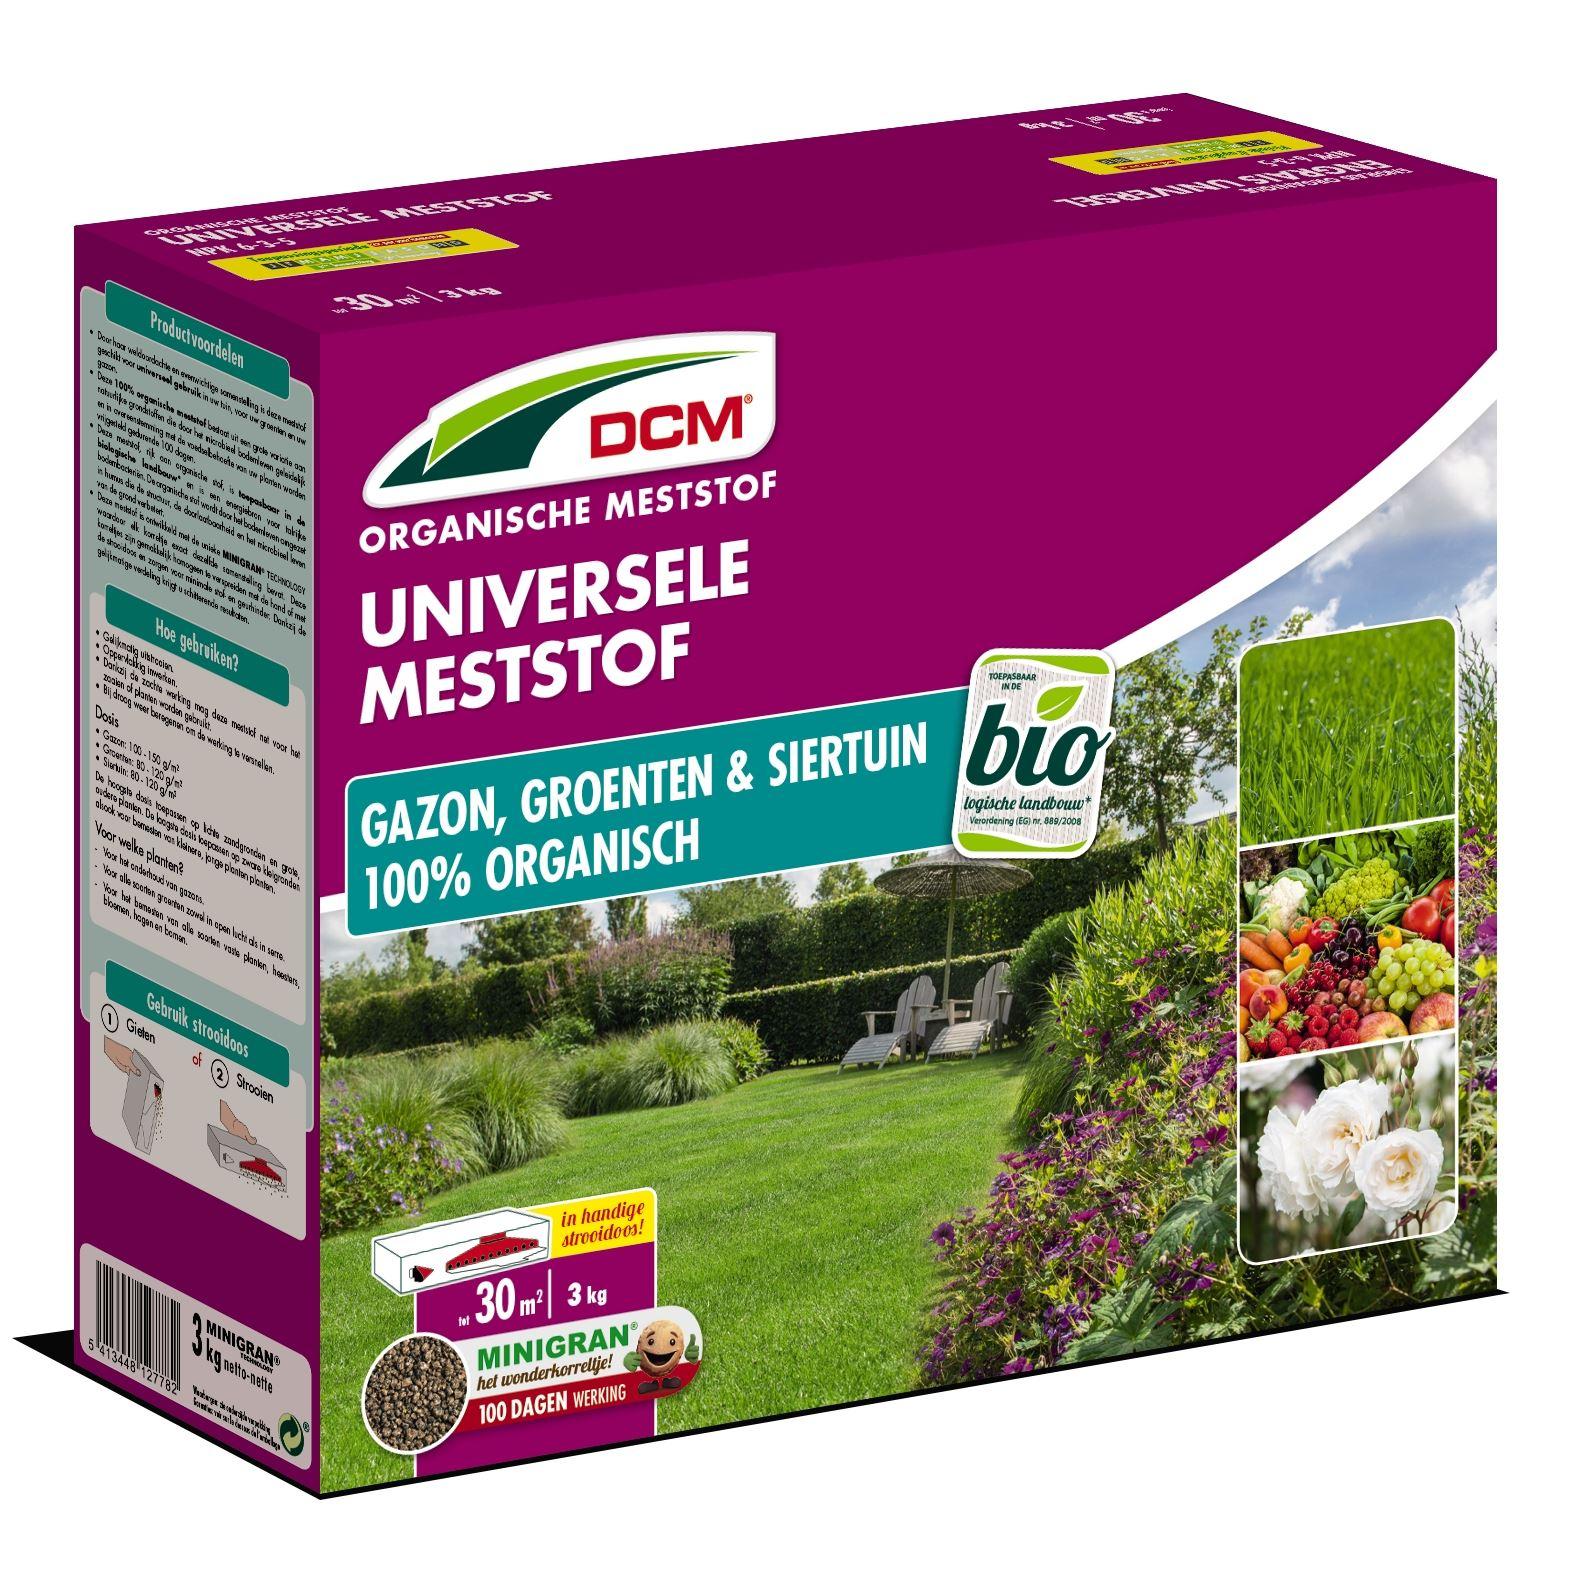 Universele meststof voor gazon, groenten en sierplanten 3kg - Bio